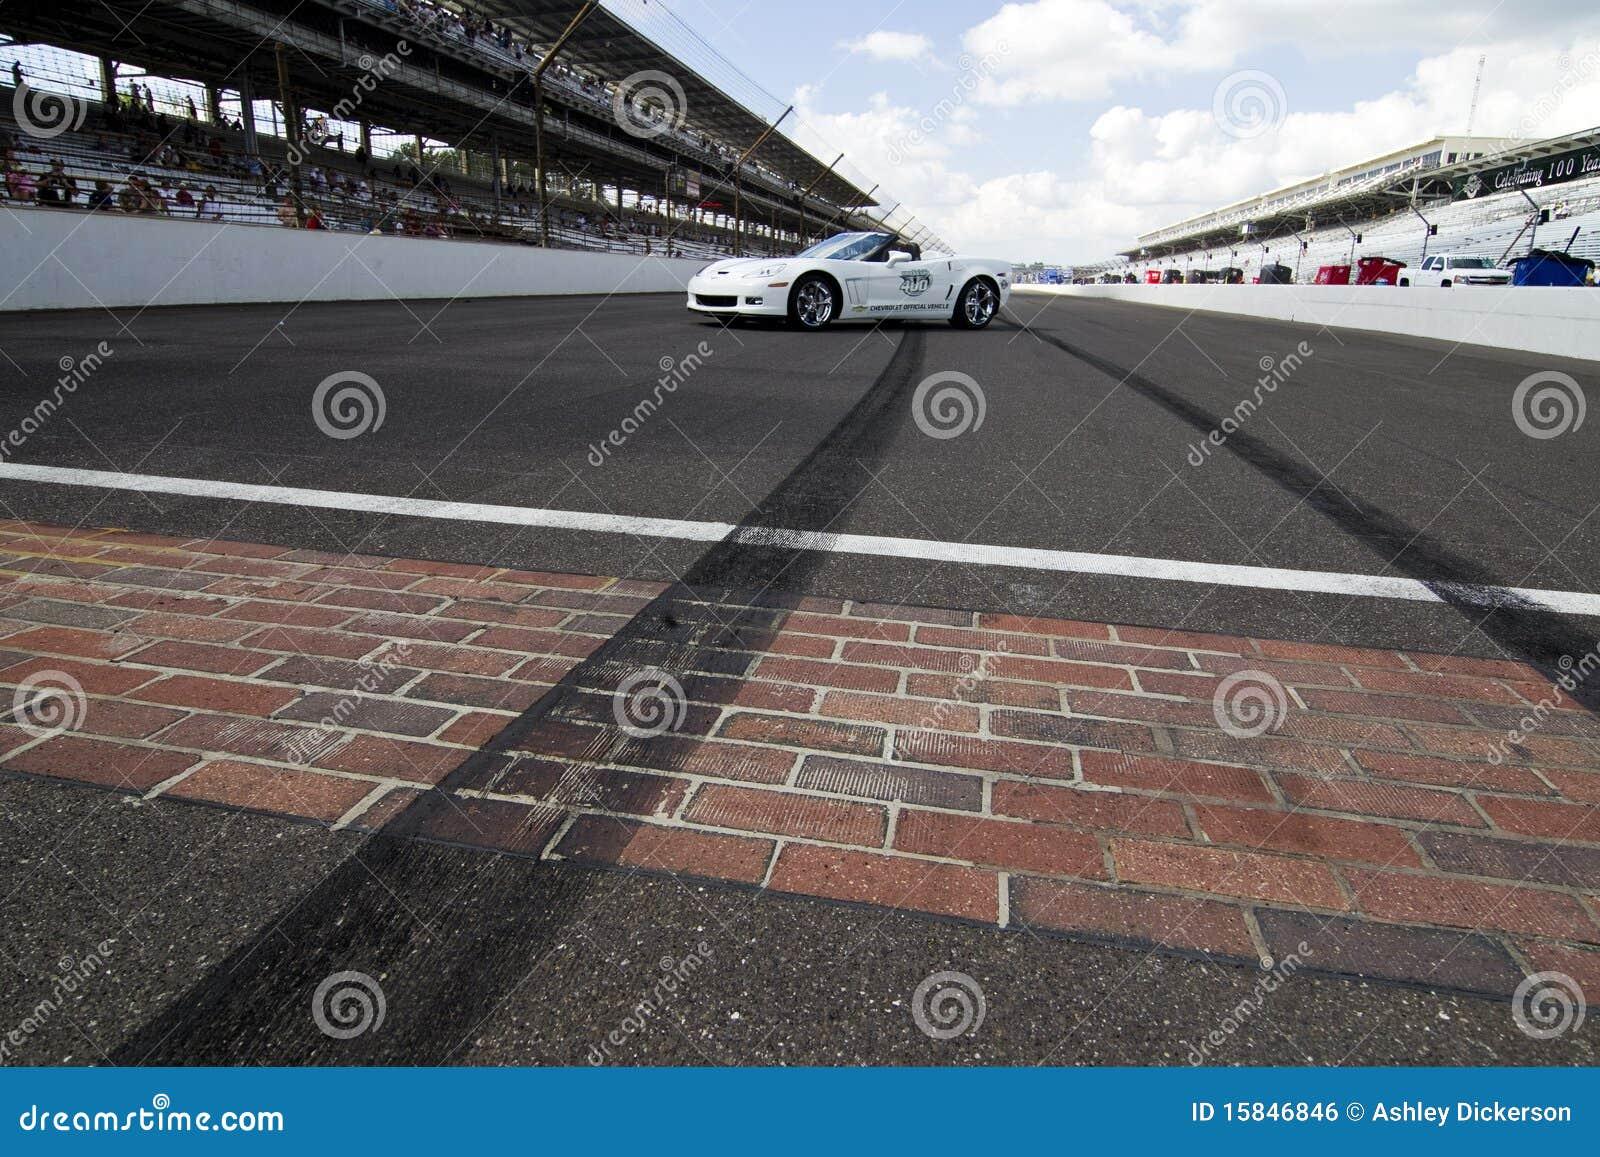 25 400 brickyard Lipiec nascar